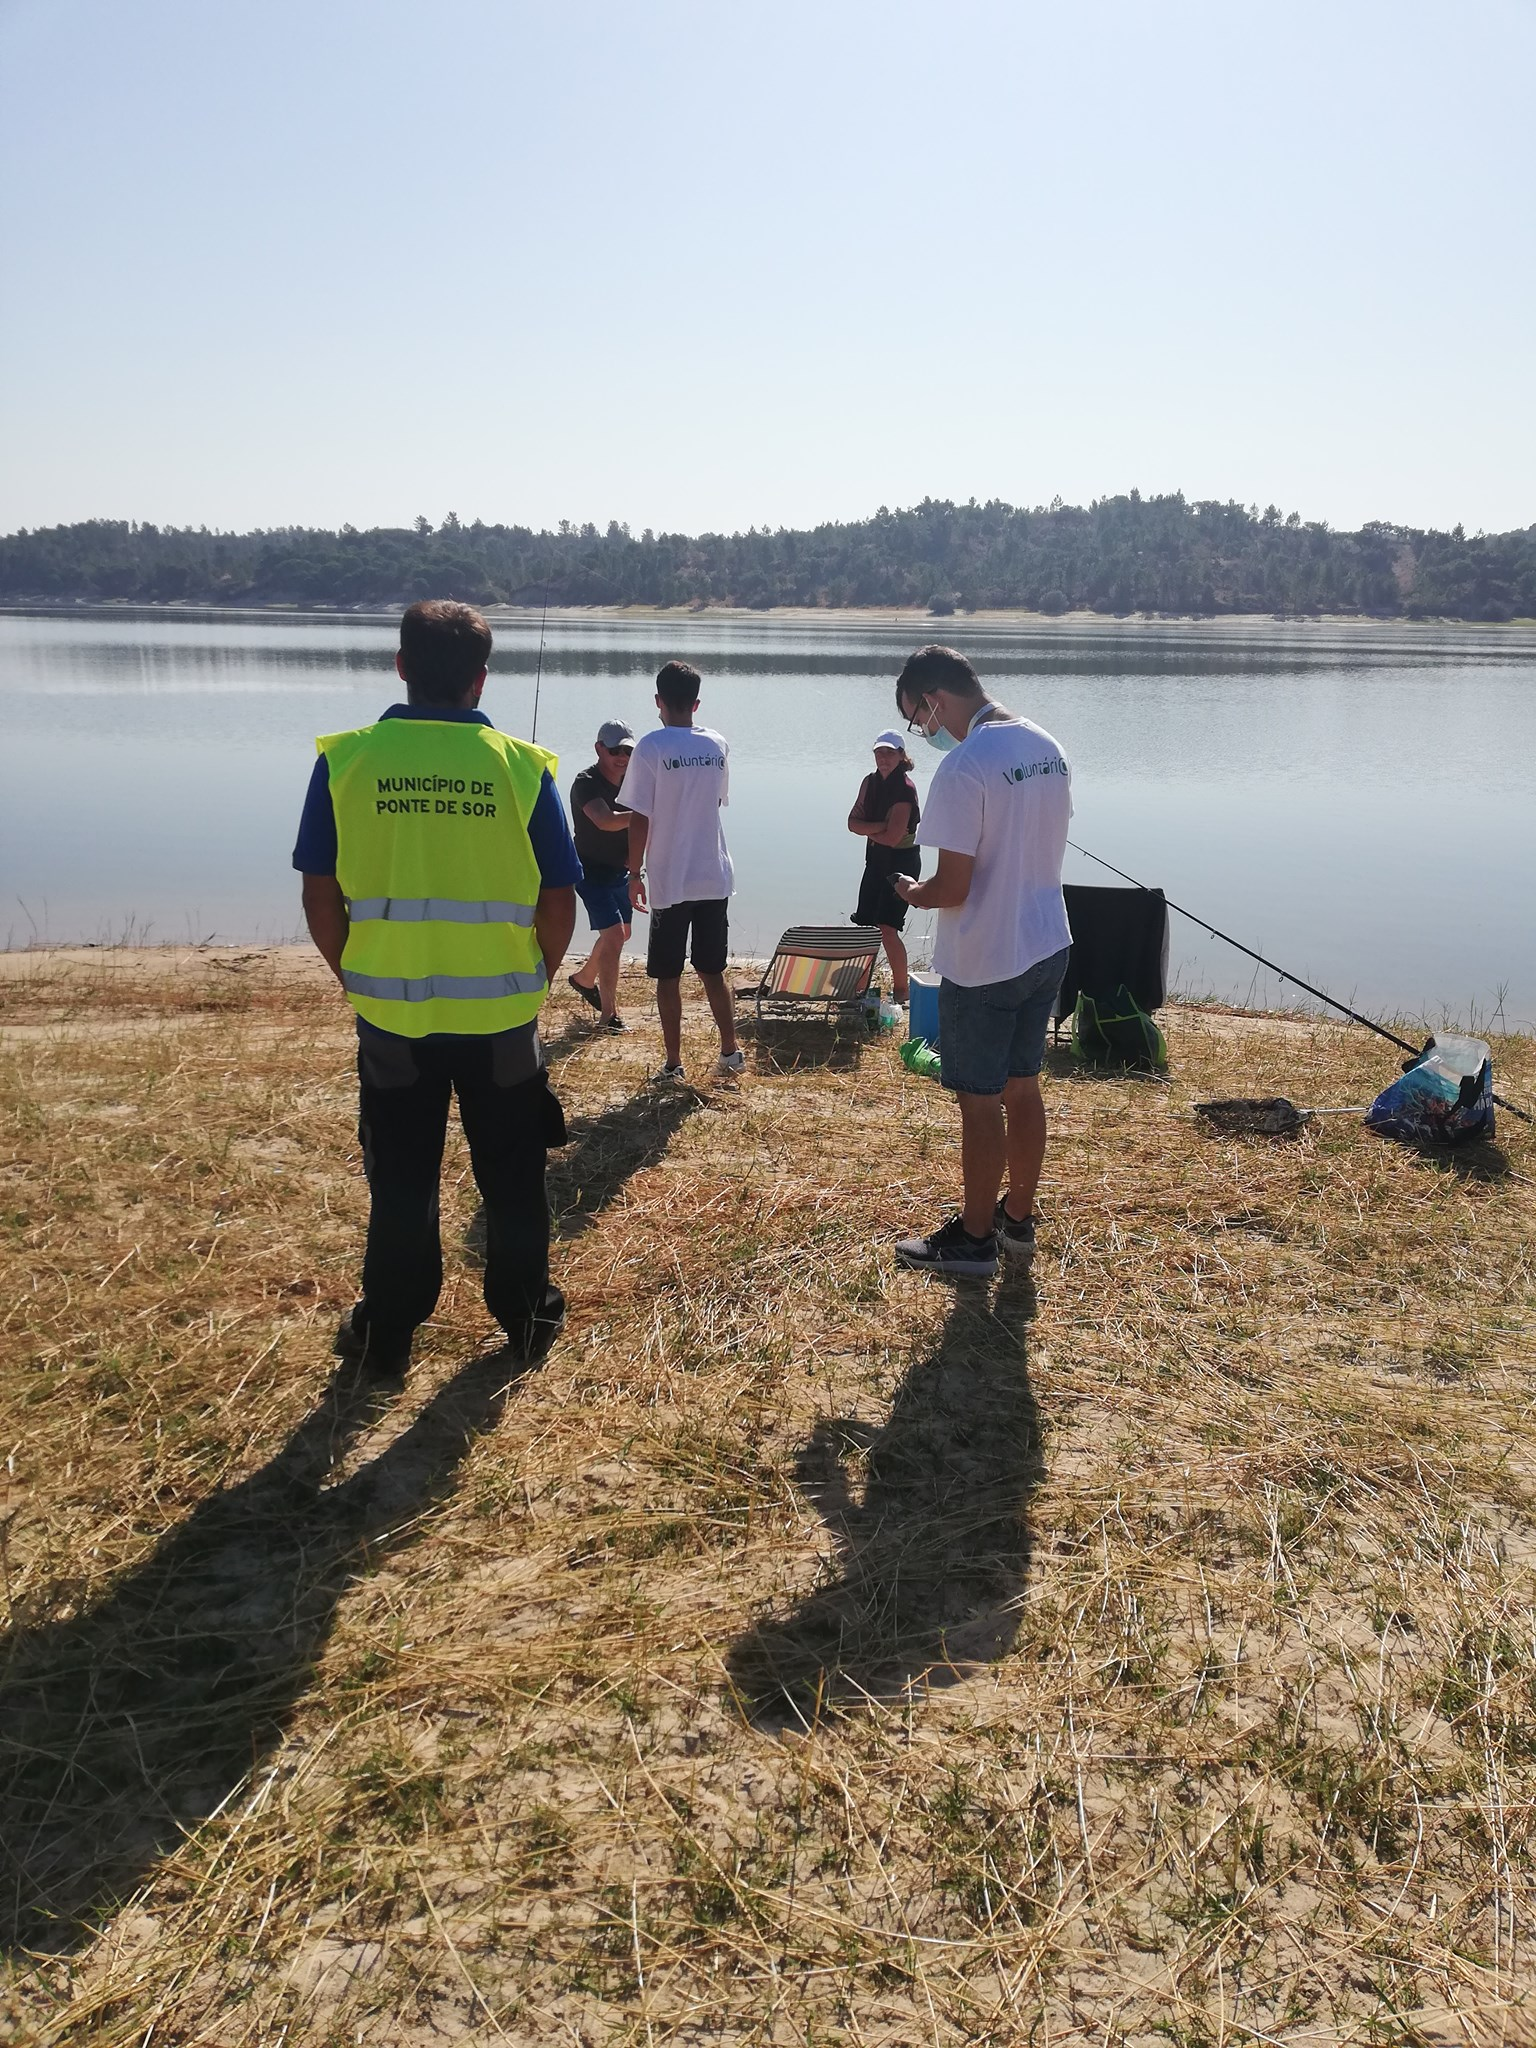 Voluntariado Jovem para a Natureza e Florestas prossegue